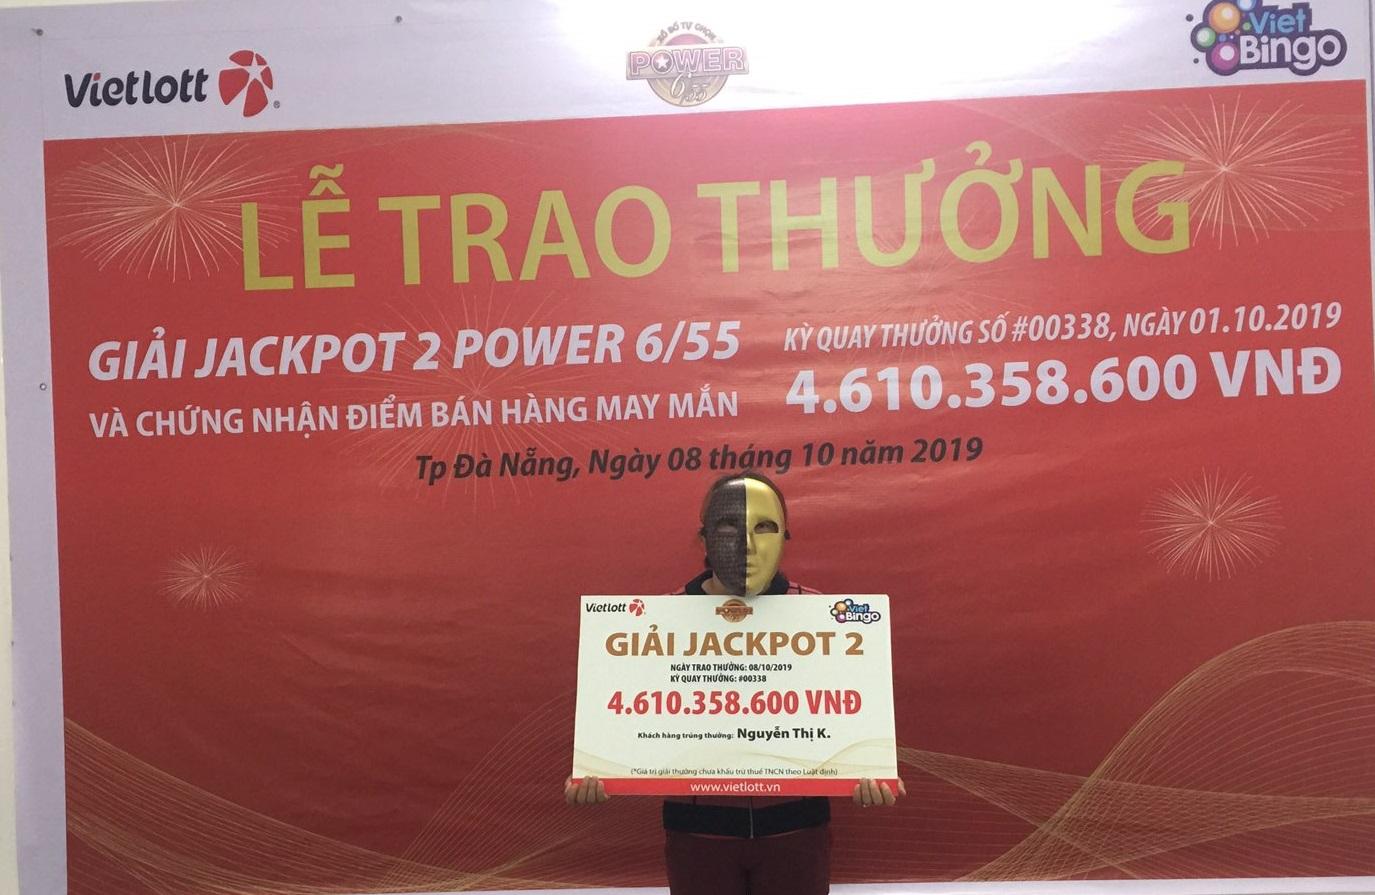 Khách hàng trúng Jackpot 2 tại Đà Nẵng làm nghề bán vé số dạo